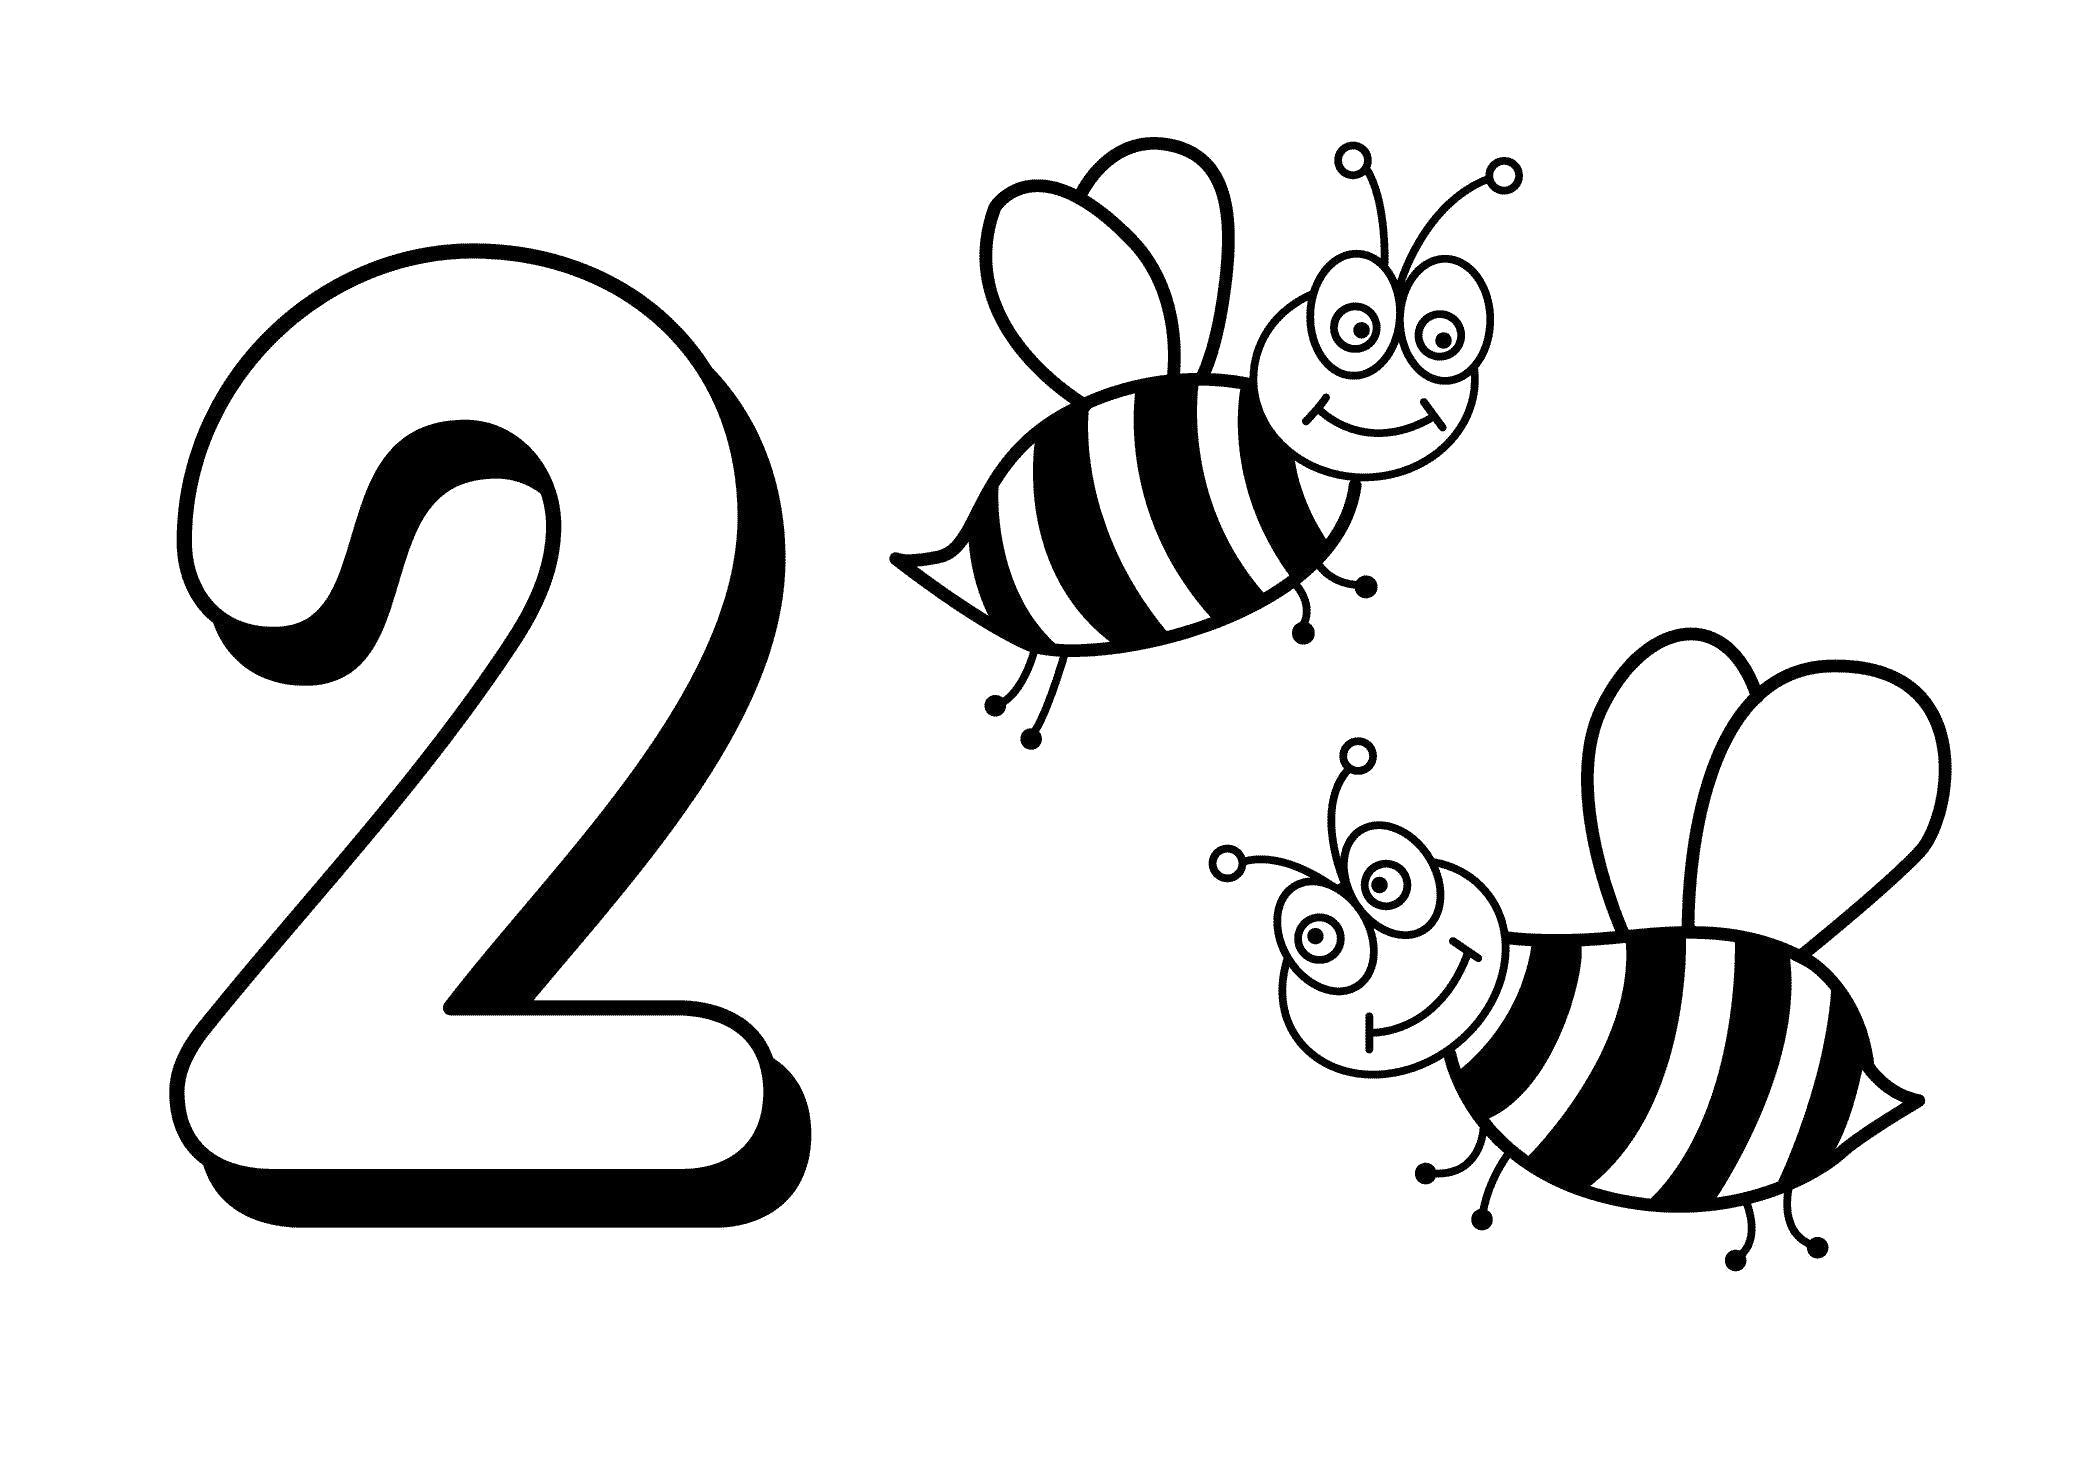 Раскраска Две Пчелки. Скачать Цифра.  Распечатать Цифра